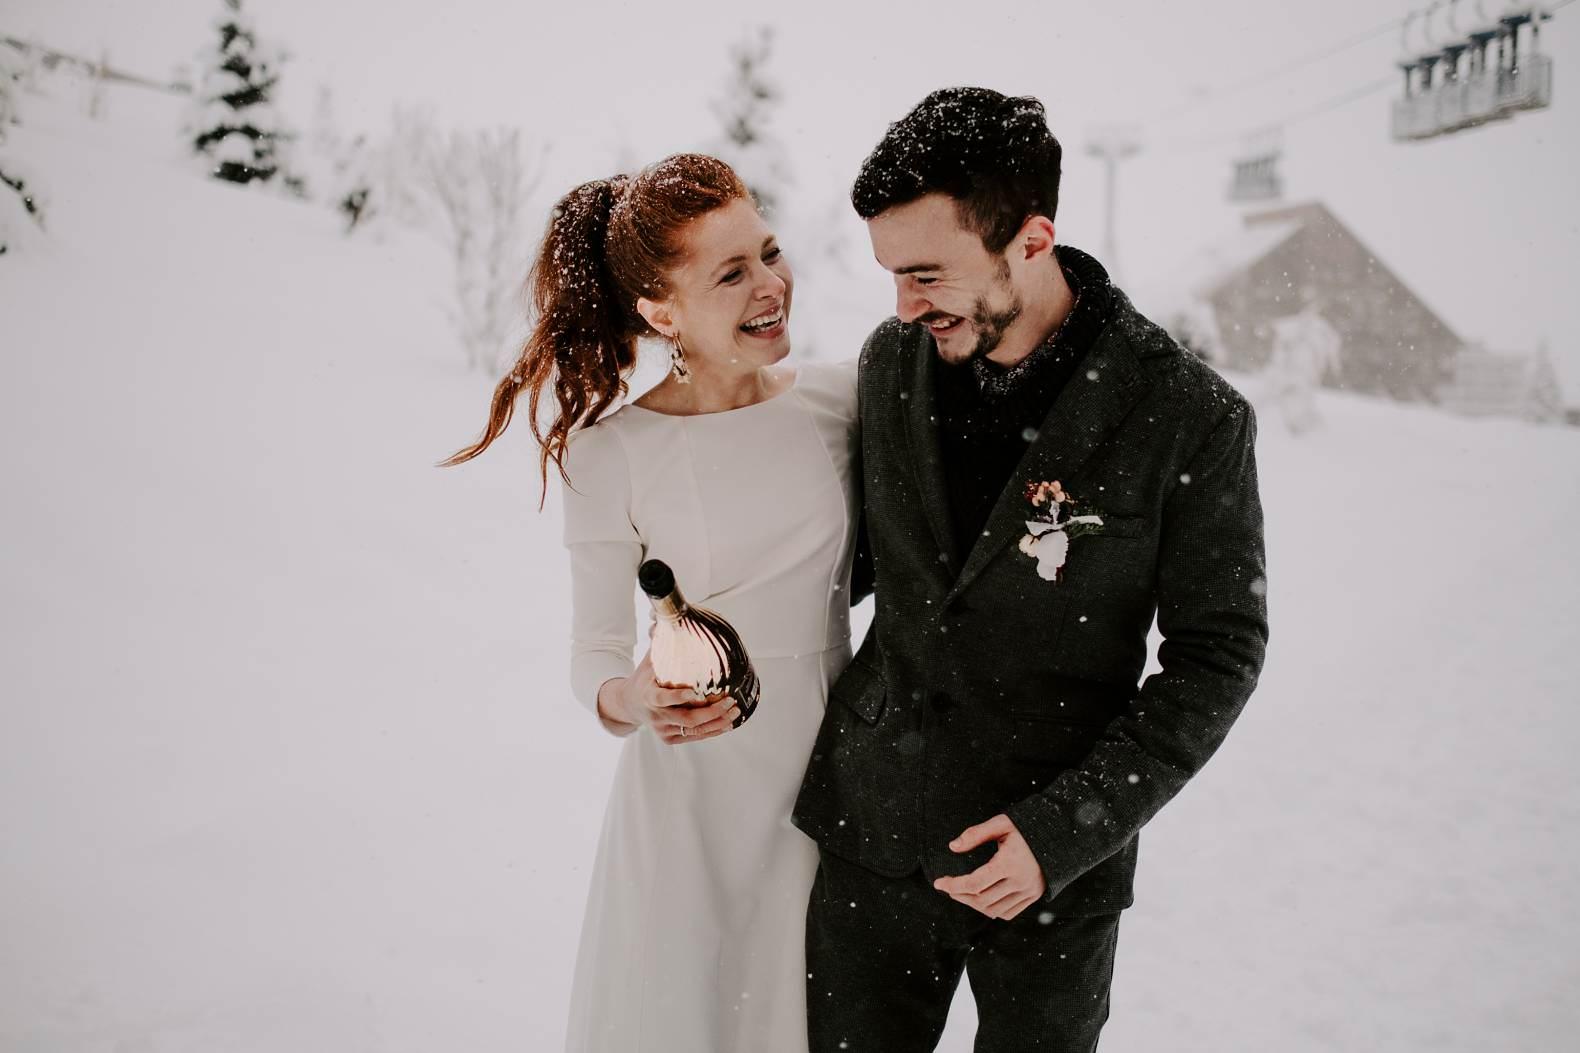 mariage hiver alpes huez isere hotel grandes rousses photographe bel esprit 0035